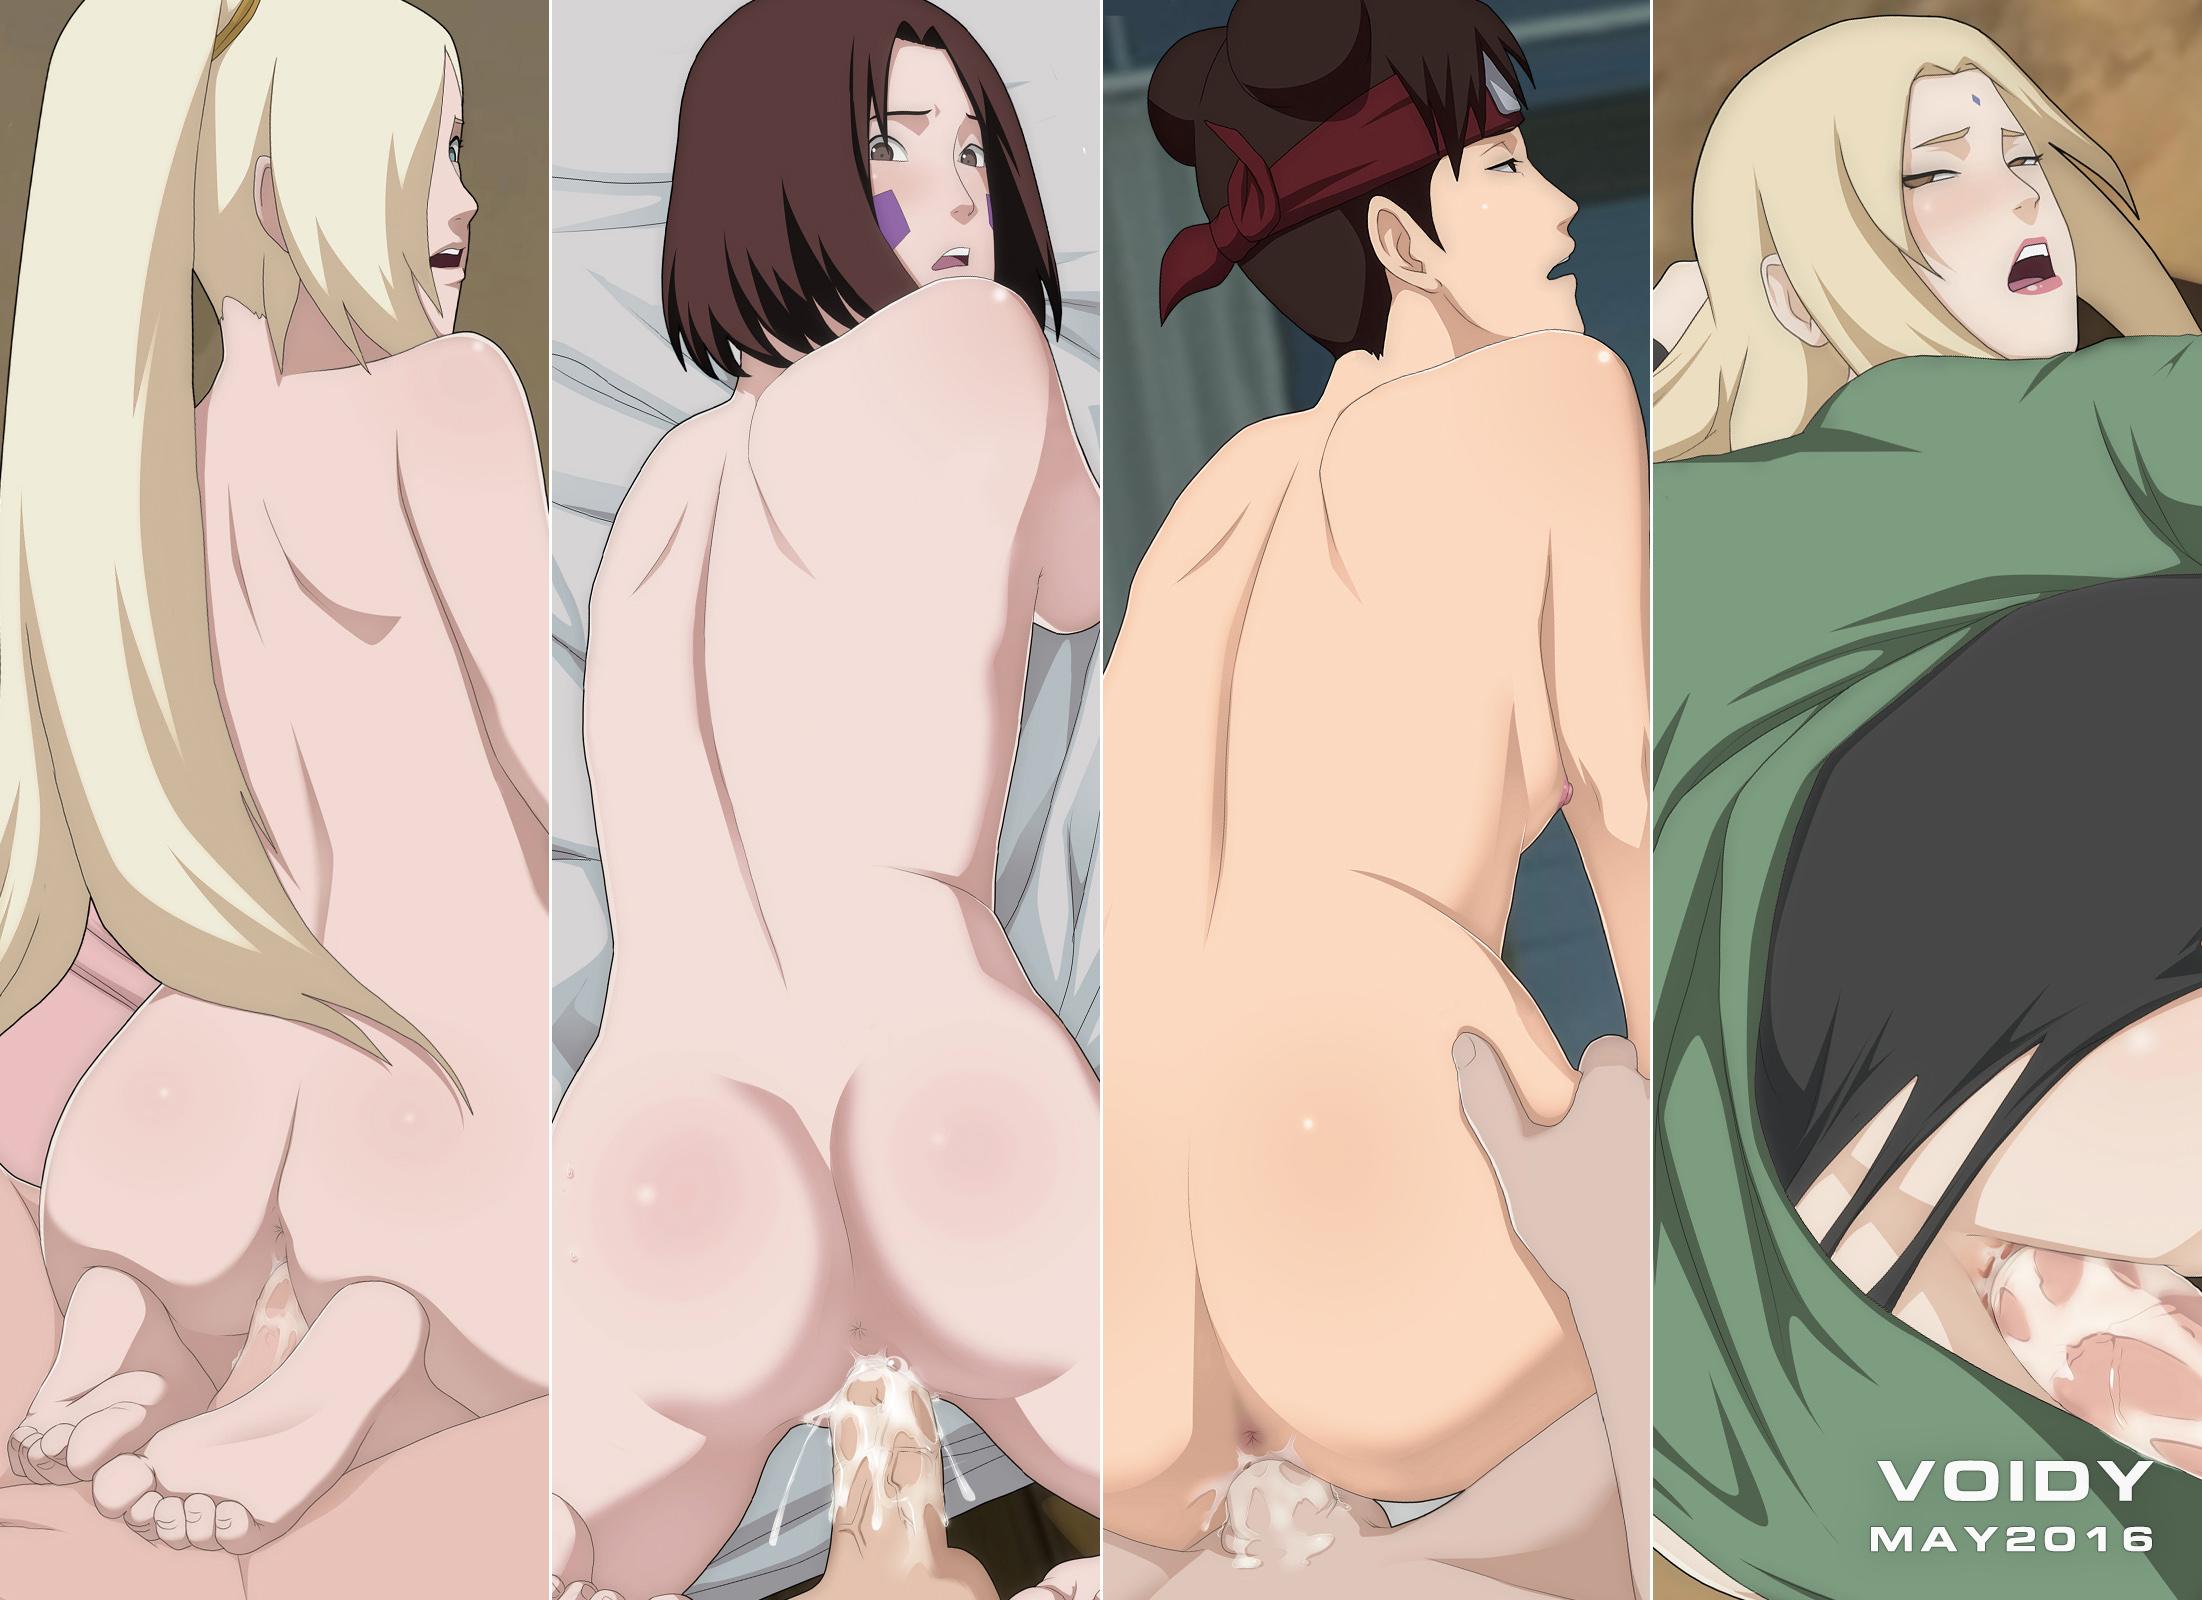 Heidi klum fully nude